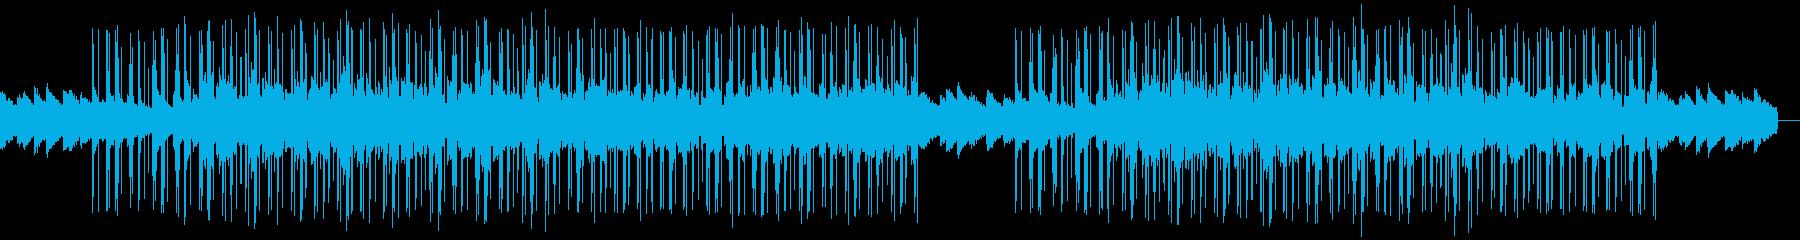 ゆったり・ほのぼのしたヒップホップの再生済みの波形